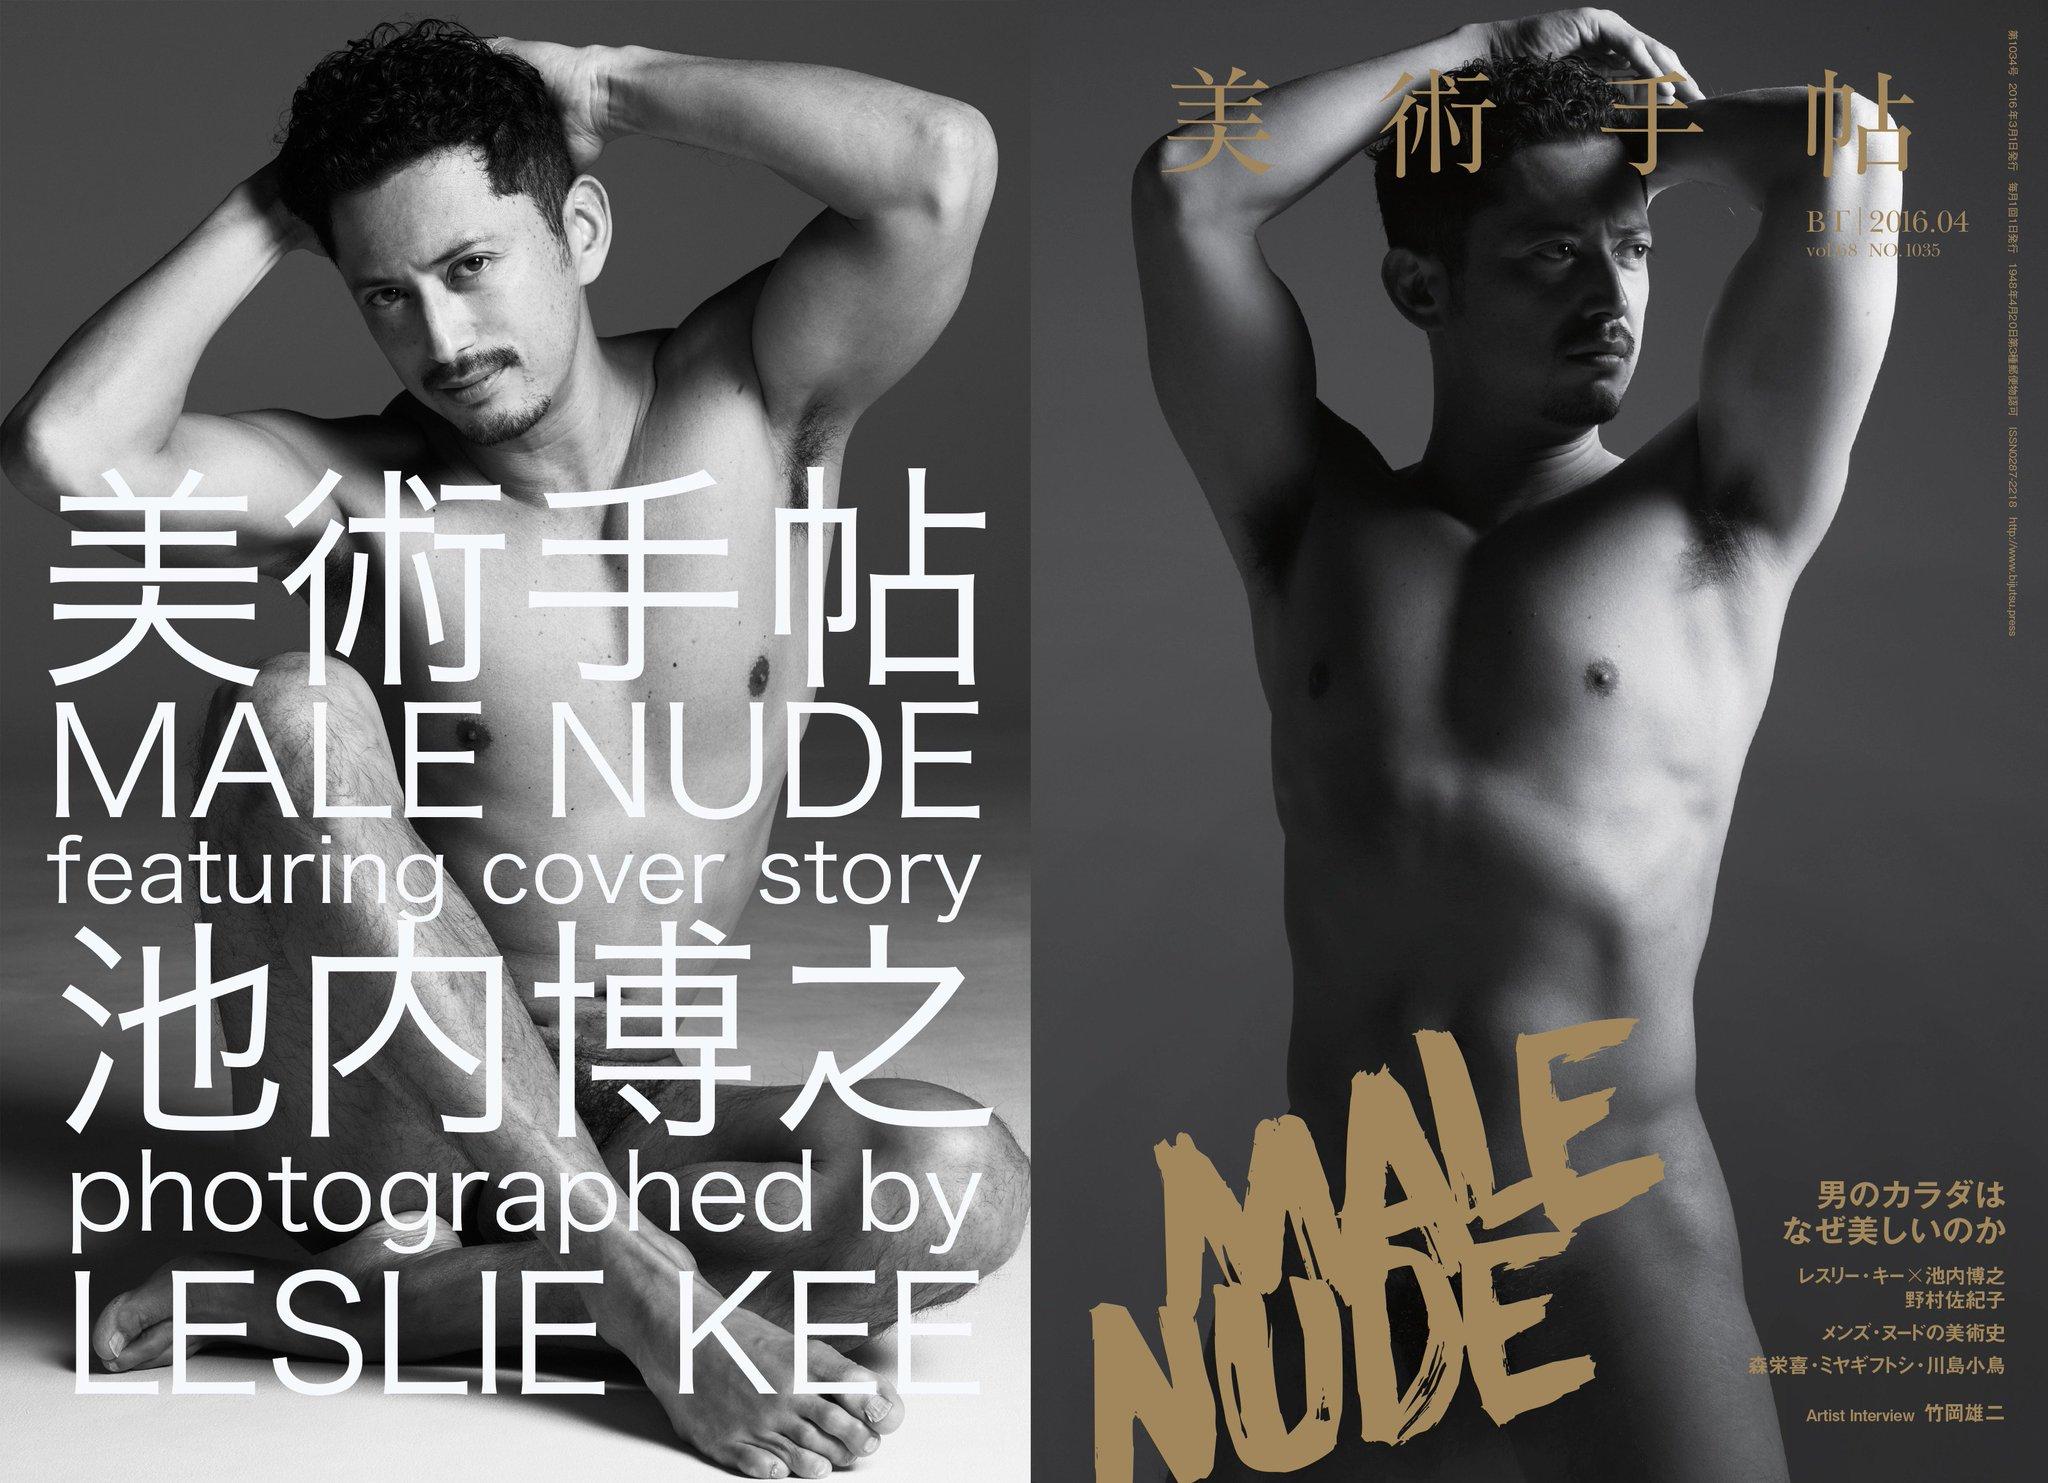 Leslie kee male nude-9105